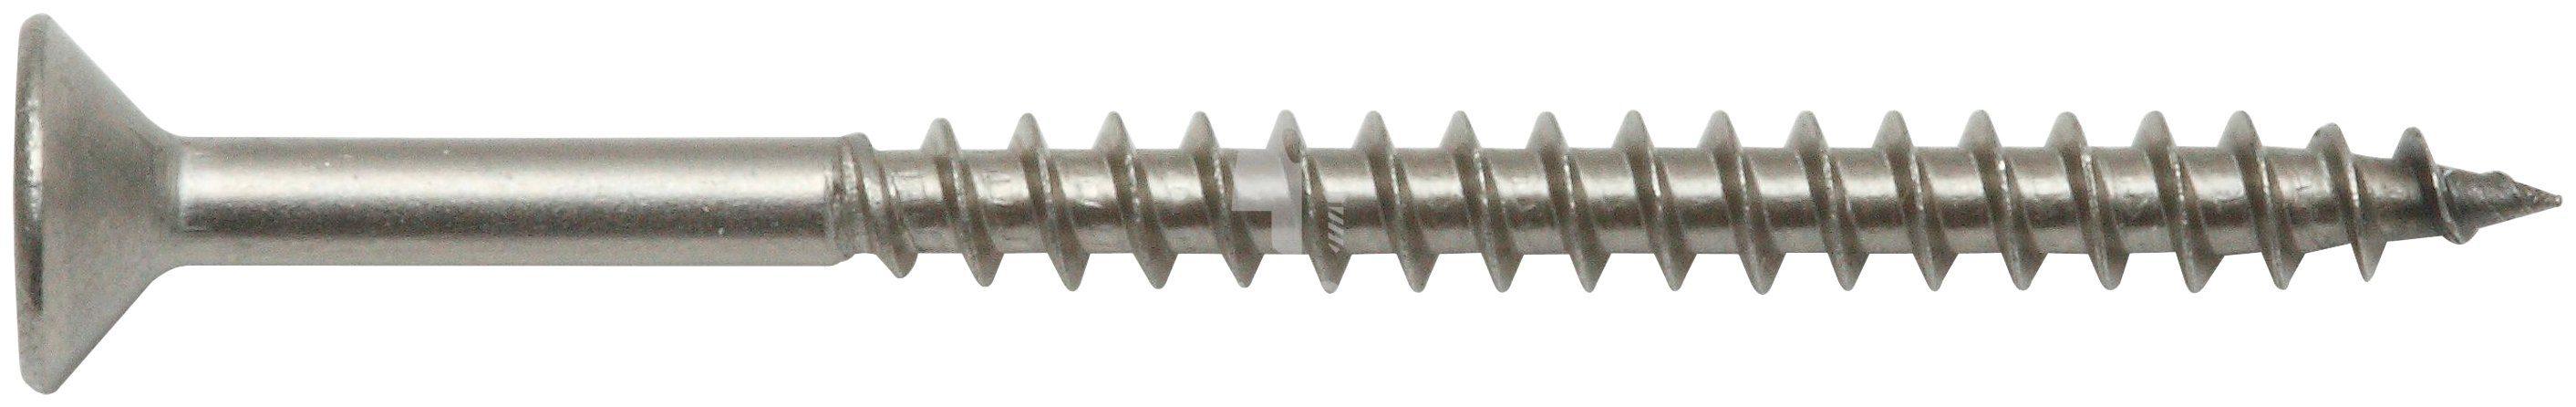 RAMSES Schrauben , Spanplattenschraube 6 x 100 mm PZ3 100 Stk.